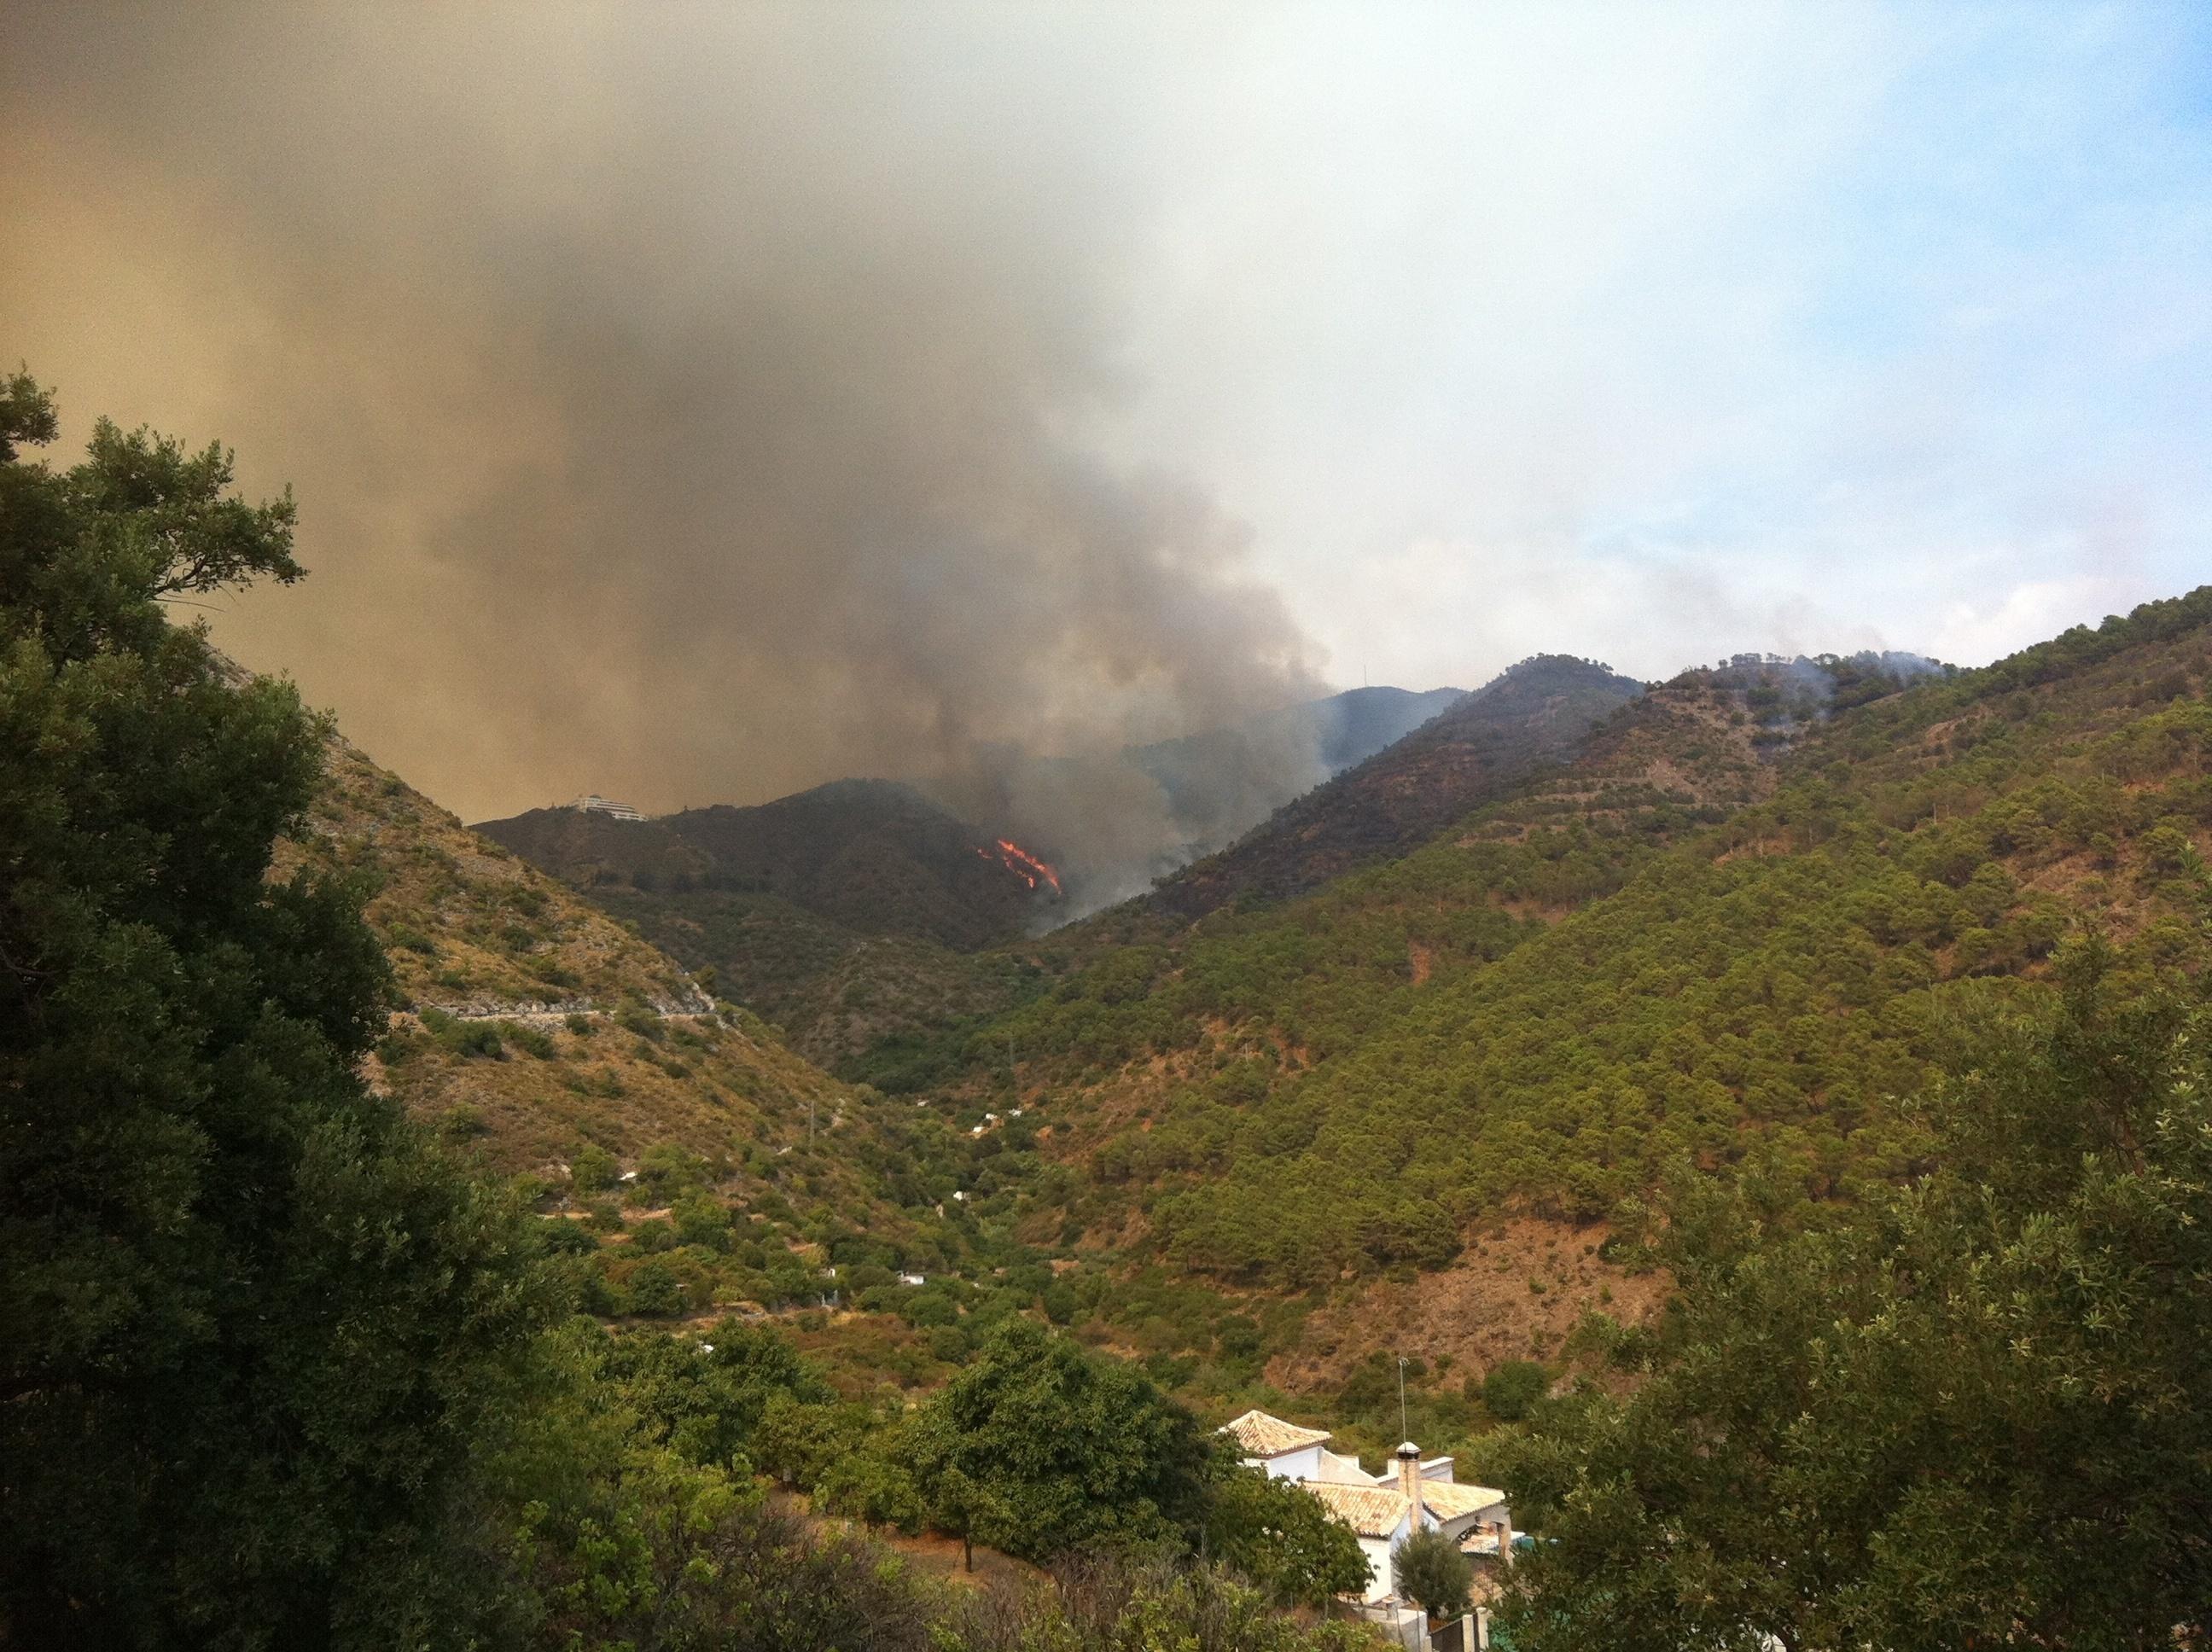 El Gobierno destina 700.000 euros a la Comunidad para reparar daños producidos por el incendio forestal de agosto